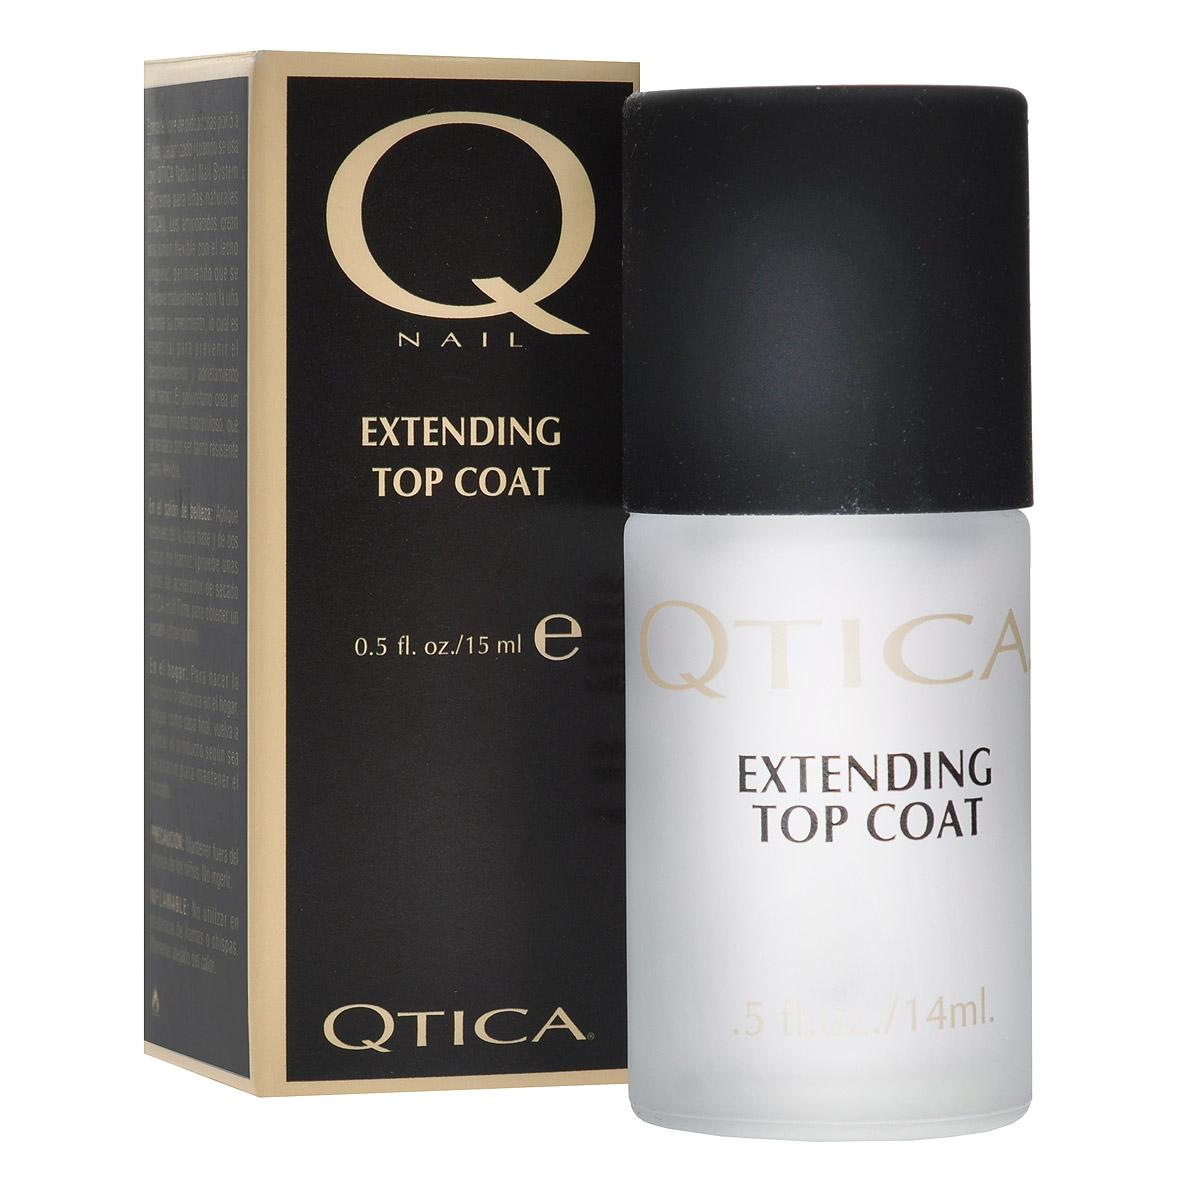 Zoya Закрепитель лака для ногтей Qtica, 15 мл5010777142037Суперблестящее и гибкое верхнее покрытие Zoya Qtica обеспечивает стойкость лака на натуральных ногтях в течение 7-10 дней. Стойкое и гибкое покрытие для предотвращения отслоения лака и продления маникюра.Применение: нанести один тонкий слой поочередно на каждый ноготь. Характеристики:Объем: 15 мл. Артикул: QTET01. Производитель: США. Товар сертифицирован.